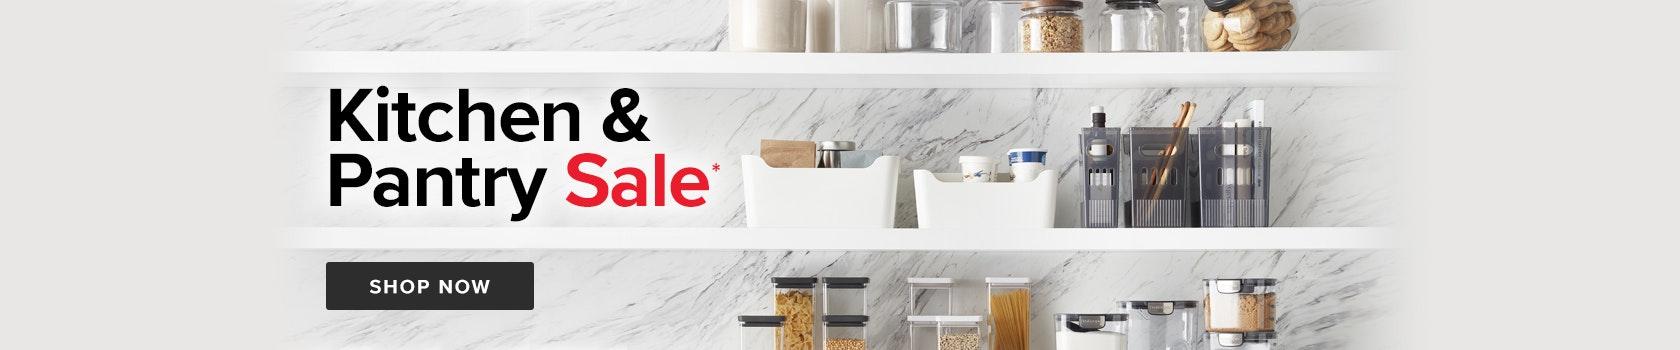 Kitchen & Pantry Sale